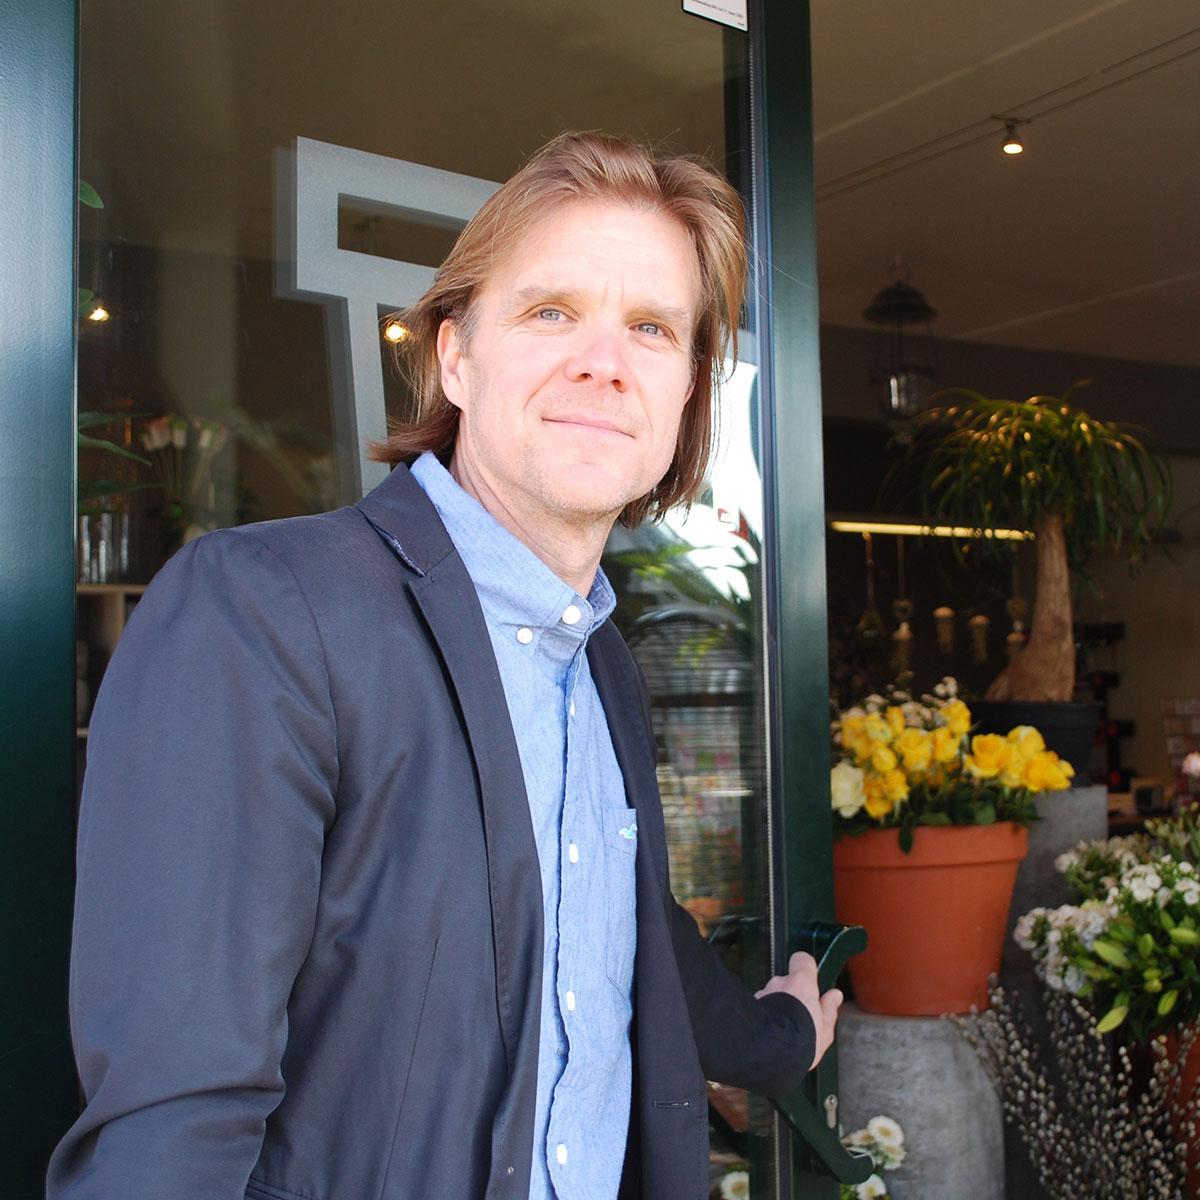 Steven Saenen